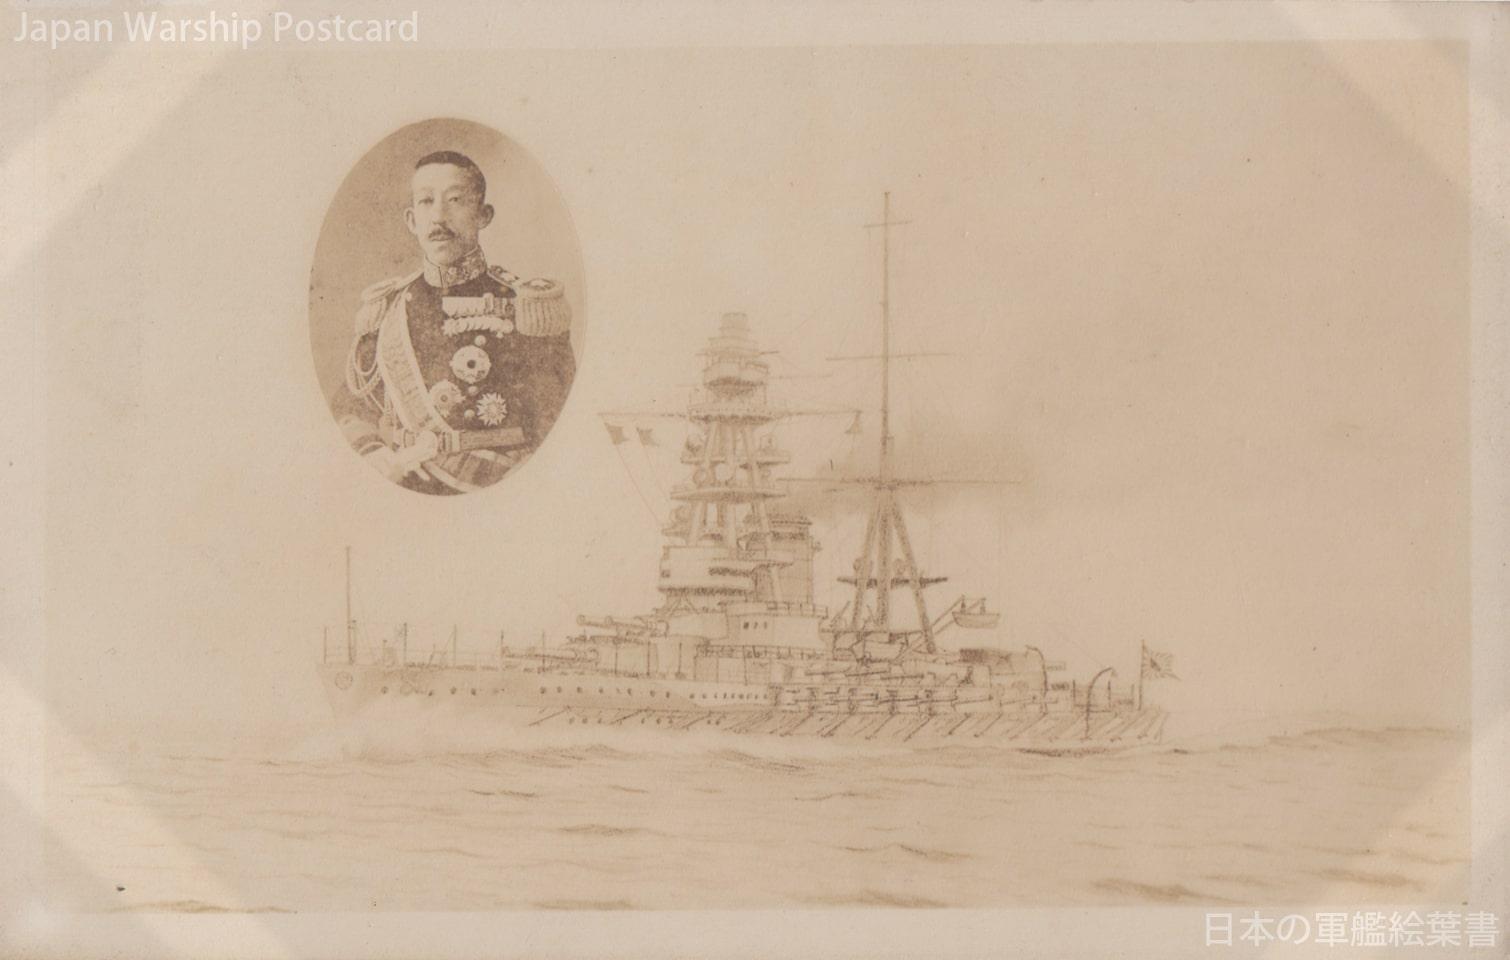 戦艦加賀進水記念(仮題)